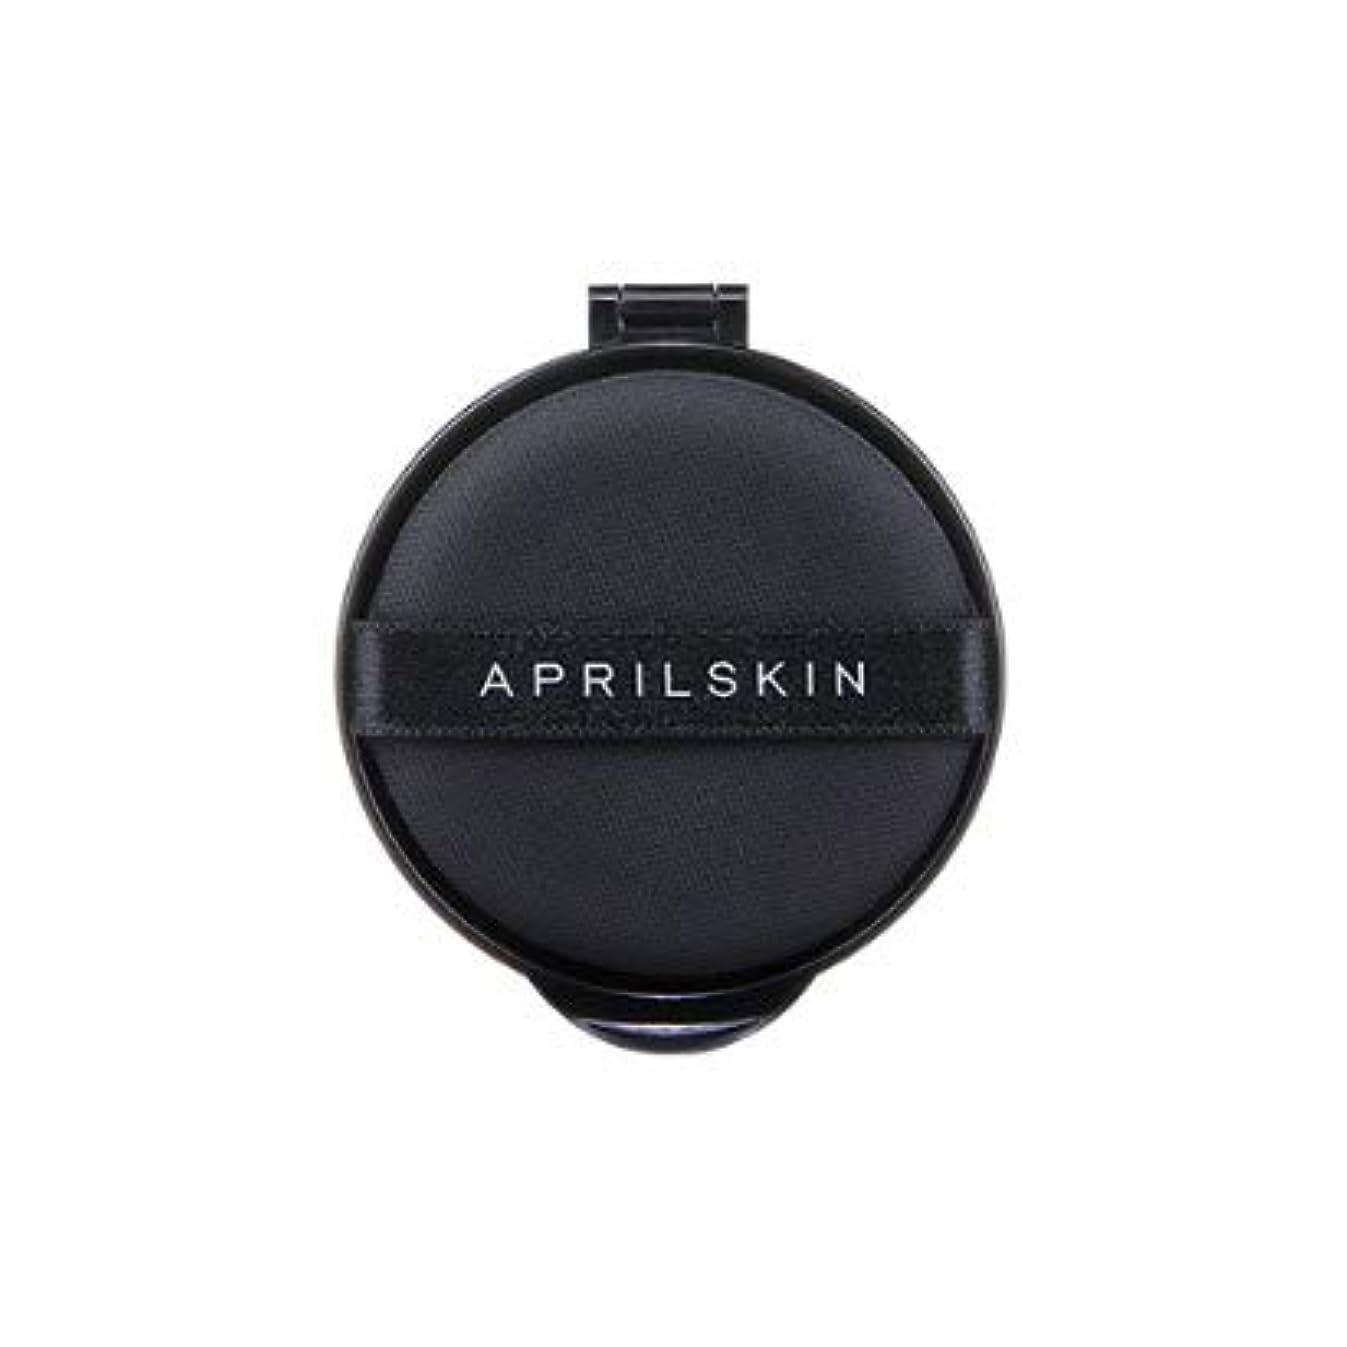 基準所属仕えるエイプリル スキン(APRIL SKIN) パーフェクトマジックカバーフィットクッション (リフィル) 13g / APRILSKIN PERFECT MAGIC COVER FIT CUSHION (REFILL) 13g...